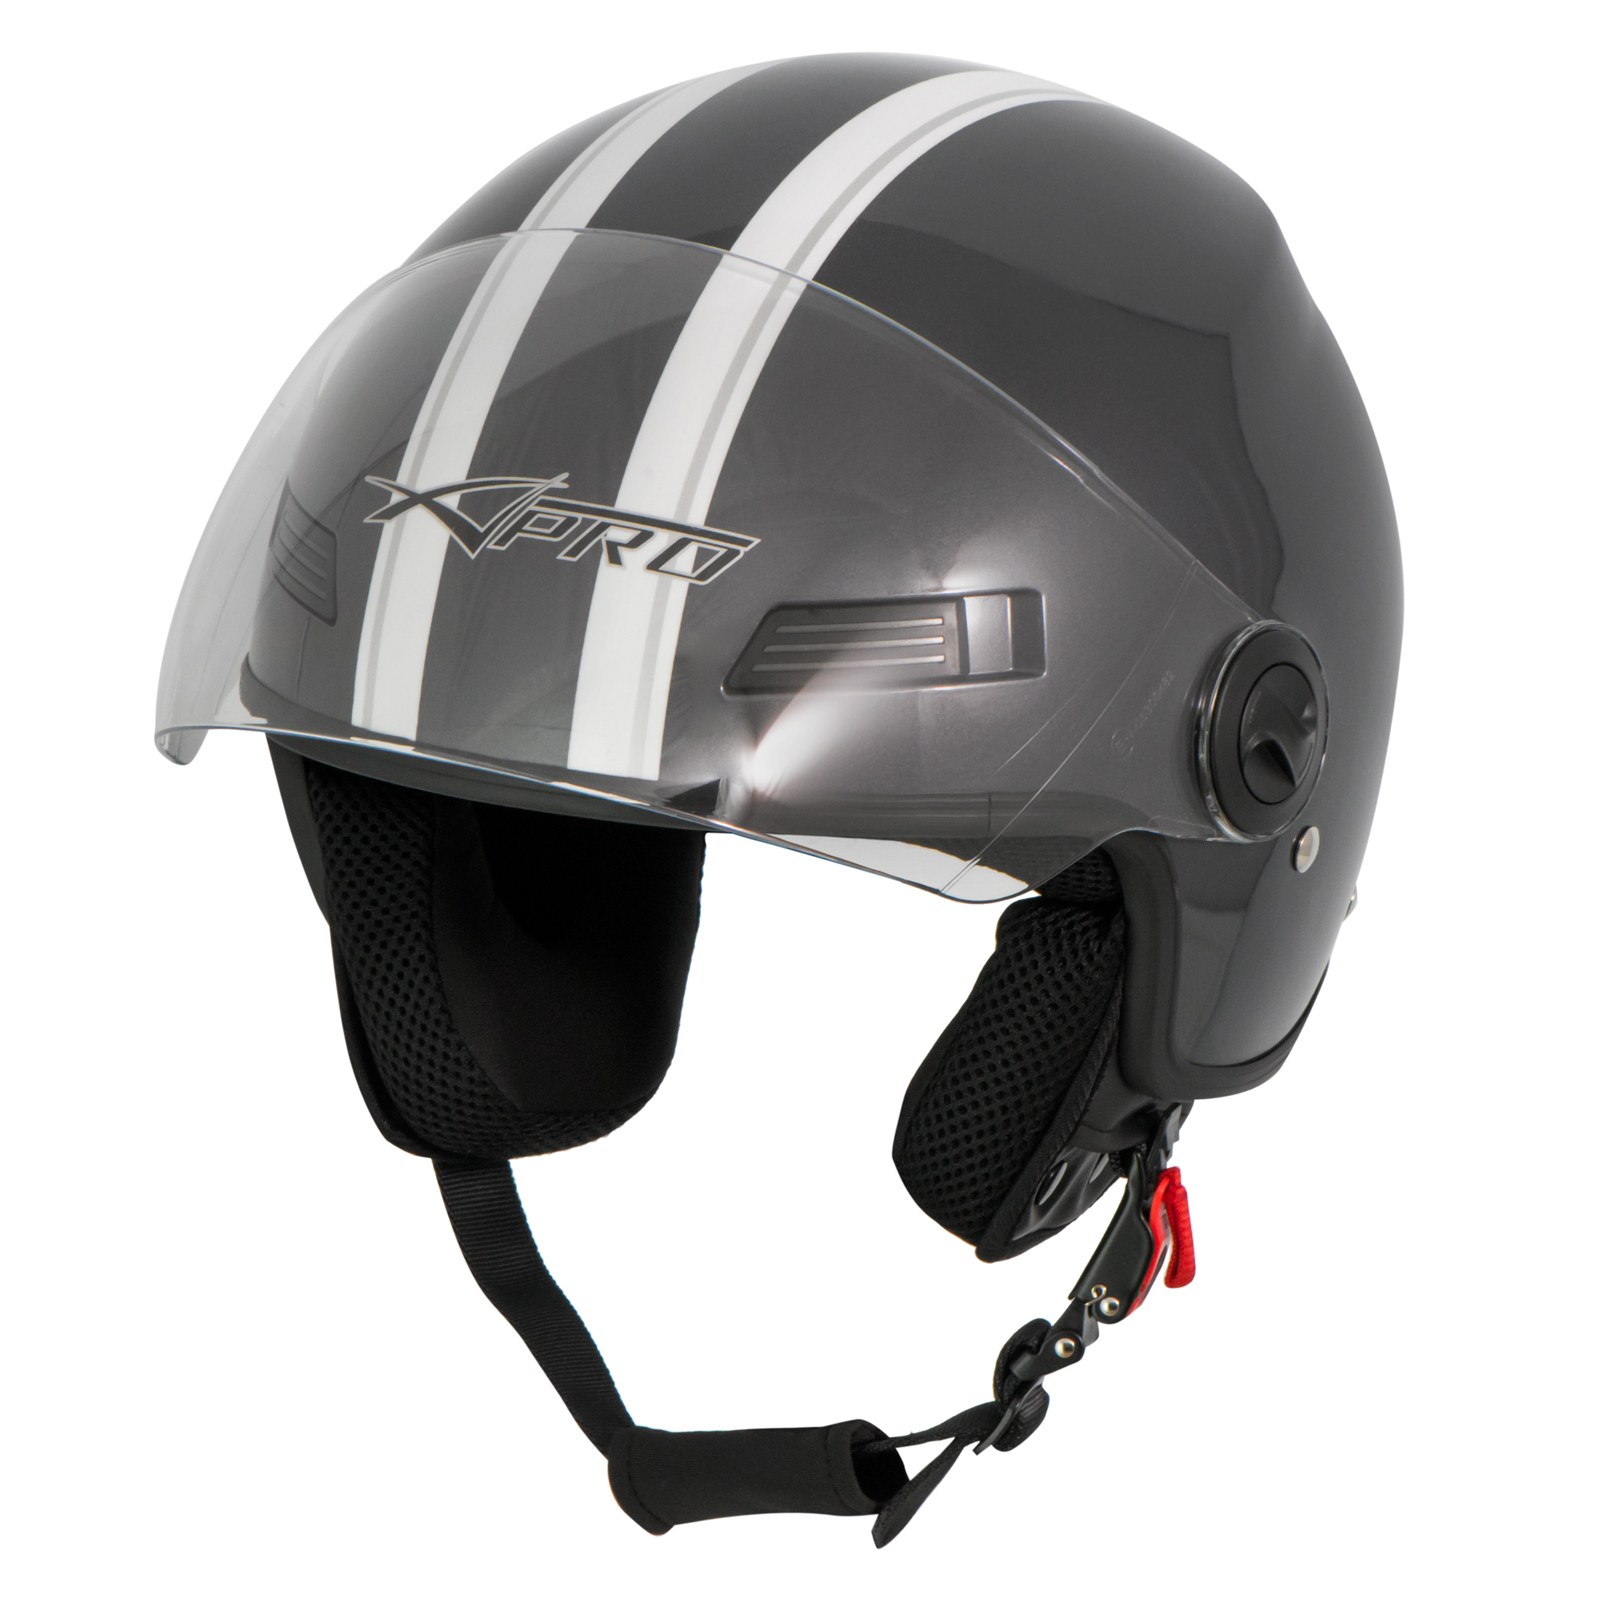 Casque-Avec-Moto-Scooter-Quad-Jet-Visiere-ECE-22-SonicMoto miniature 18